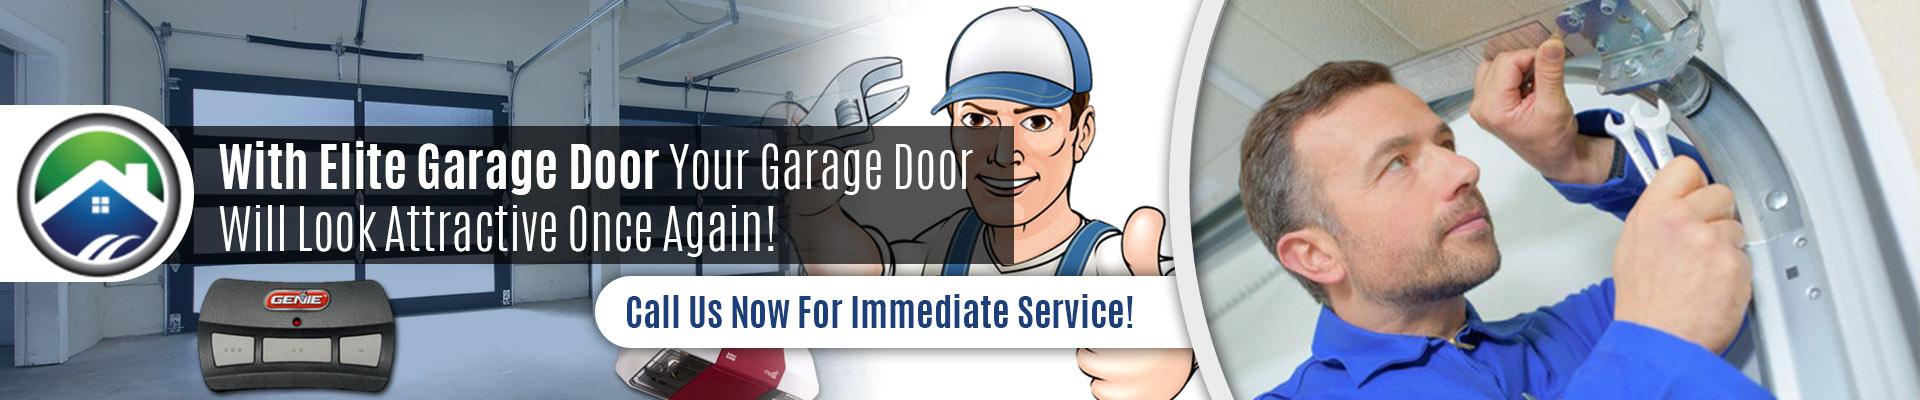 Garage Door Repair Burien WA - Elite Tech Garage Door Services